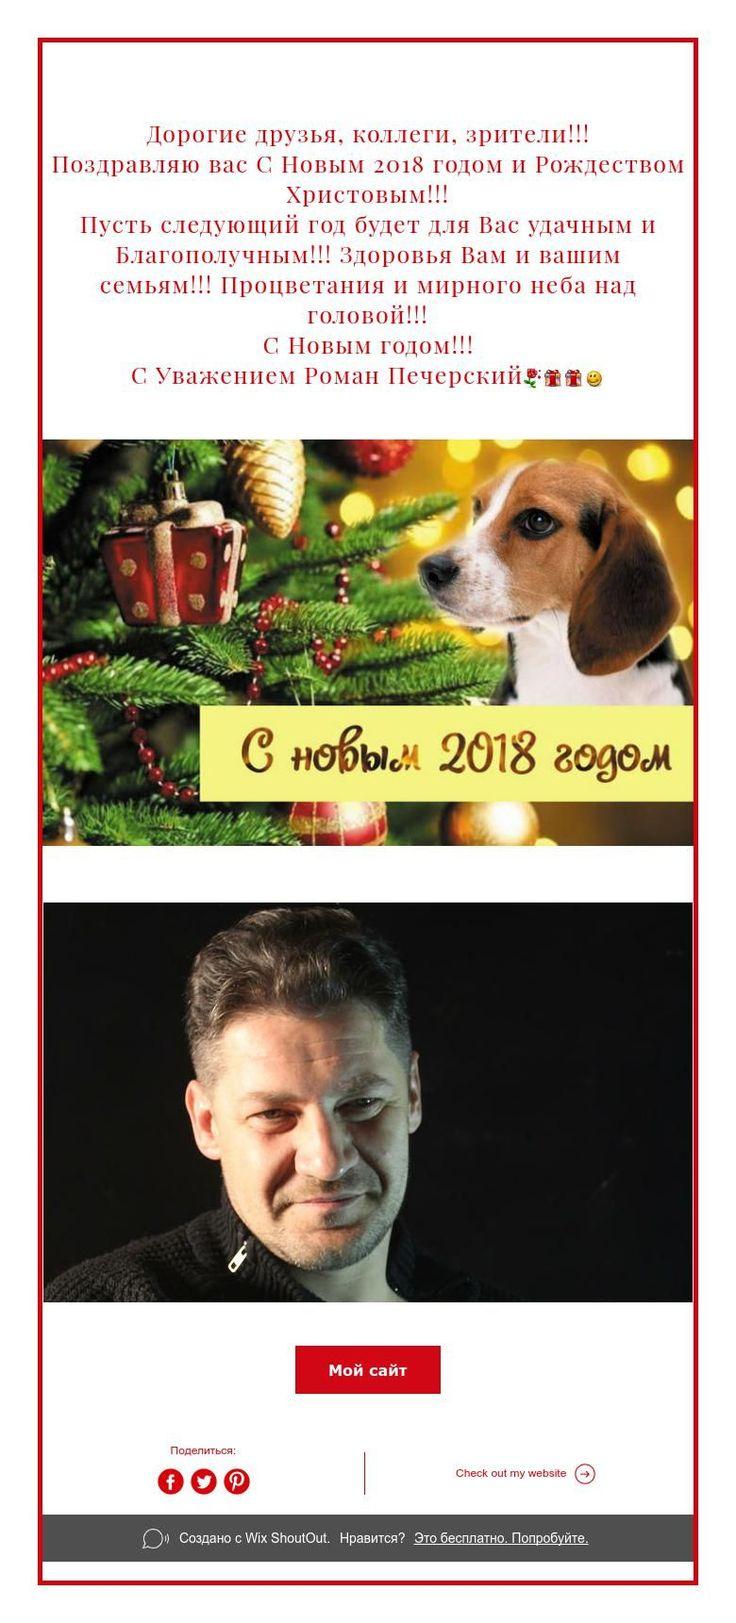 Дорогие друзья, коллеги, зрители!!!  Поздравляю вас С Новым 2018 годом и Рождеством Христовым!!!  Пусть следующий год будет для Вас удачным и Благополучным!!! Здоровья Вам и вашим семьям!!!Процветания и мирного неба над головой!!!  С Новым годом!!!  С Уважением Роман Печерский